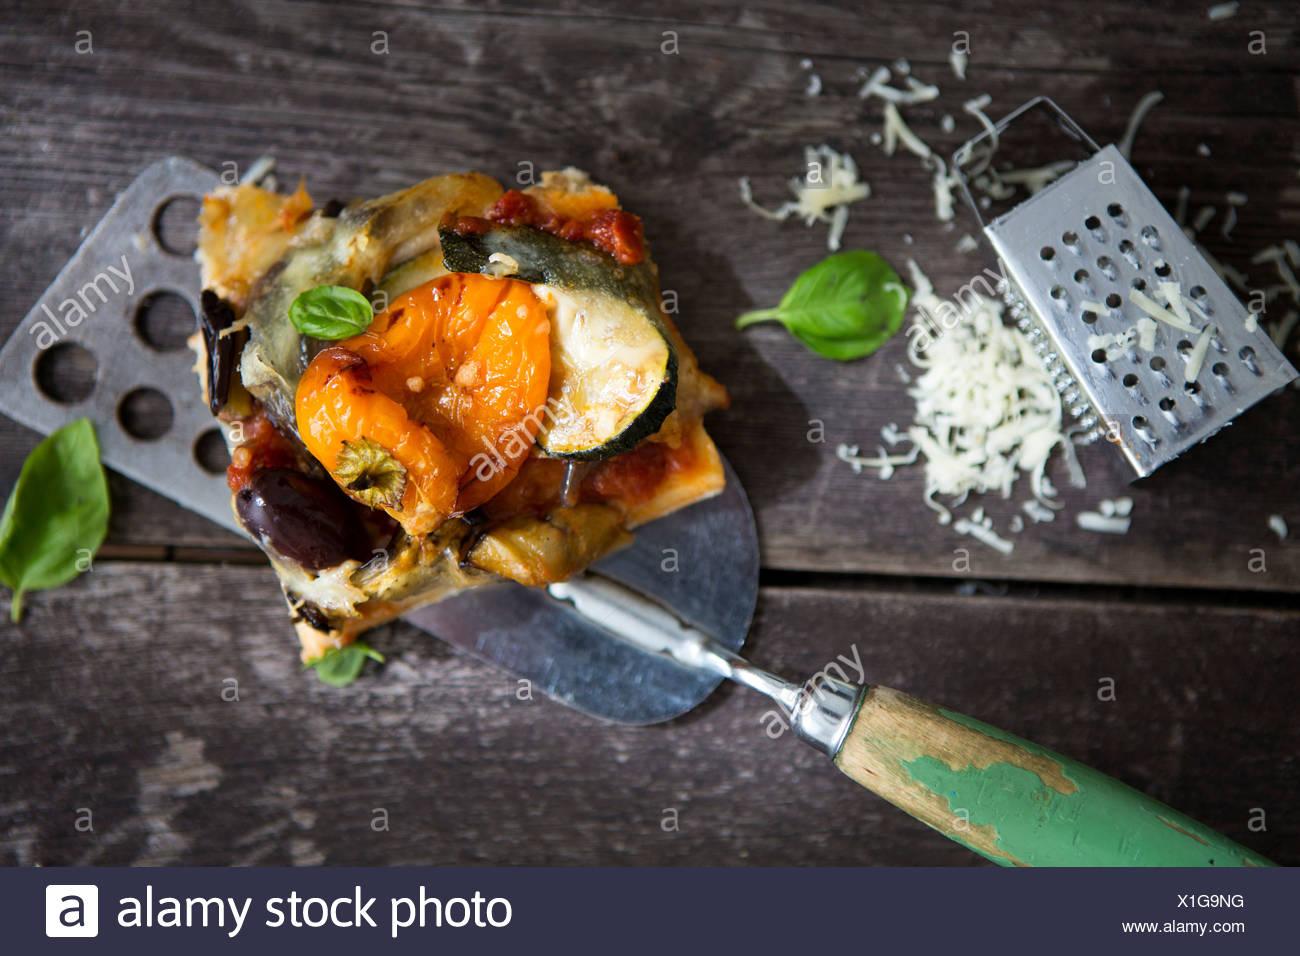 Una porción de pizza casera con pimiento, calabacín, aceite de oliva y albahaca y un rallador de queso Imagen De Stock